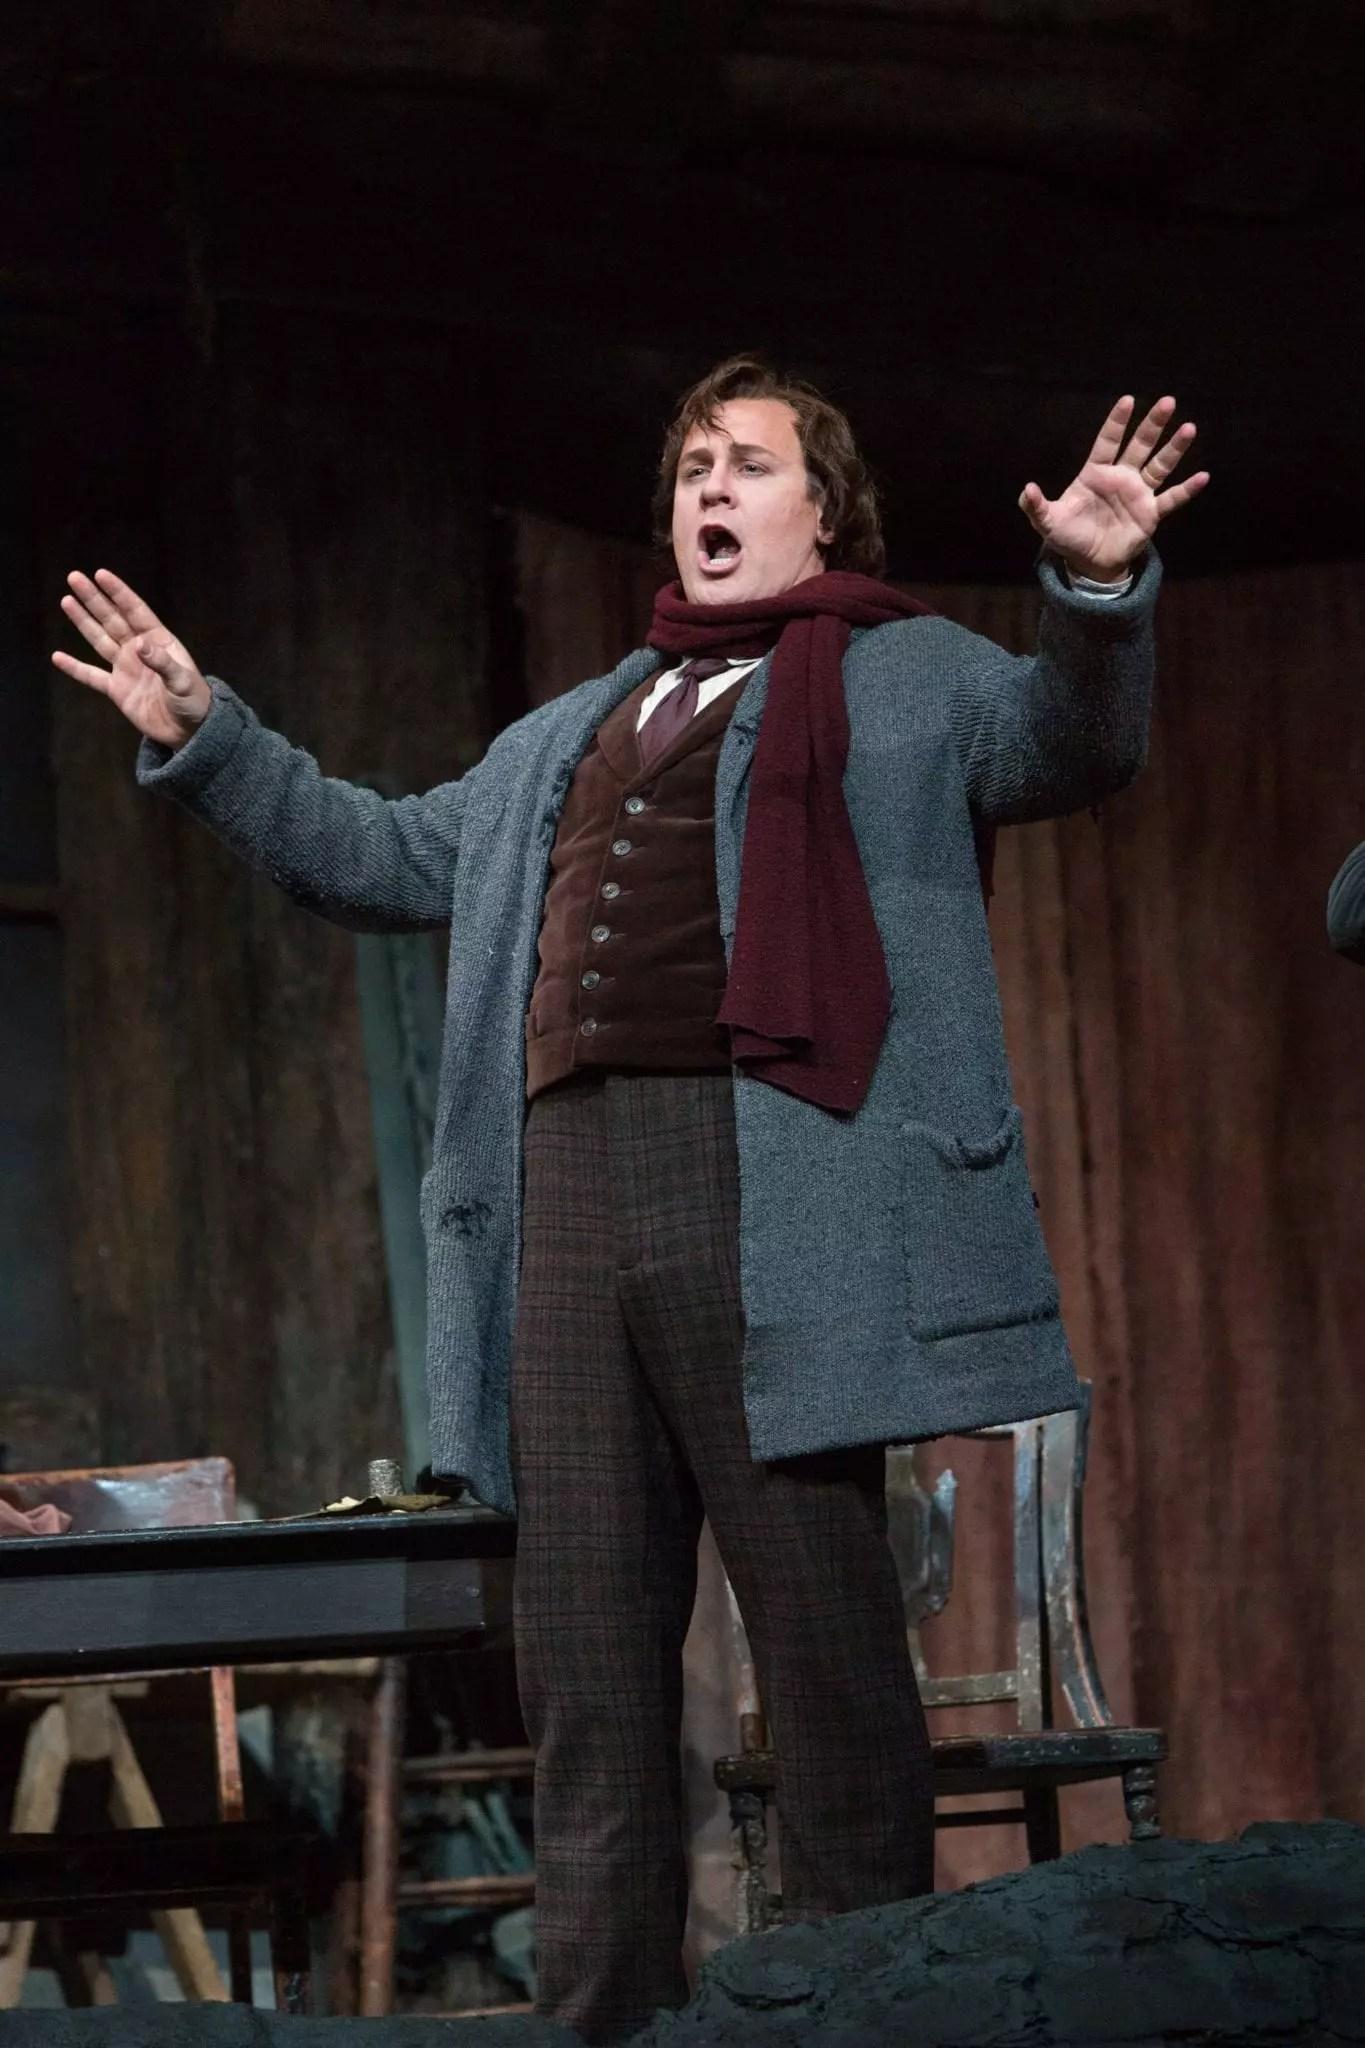 Lucas Meachem as Marcello in La Boheme at the Metropolitan Opera